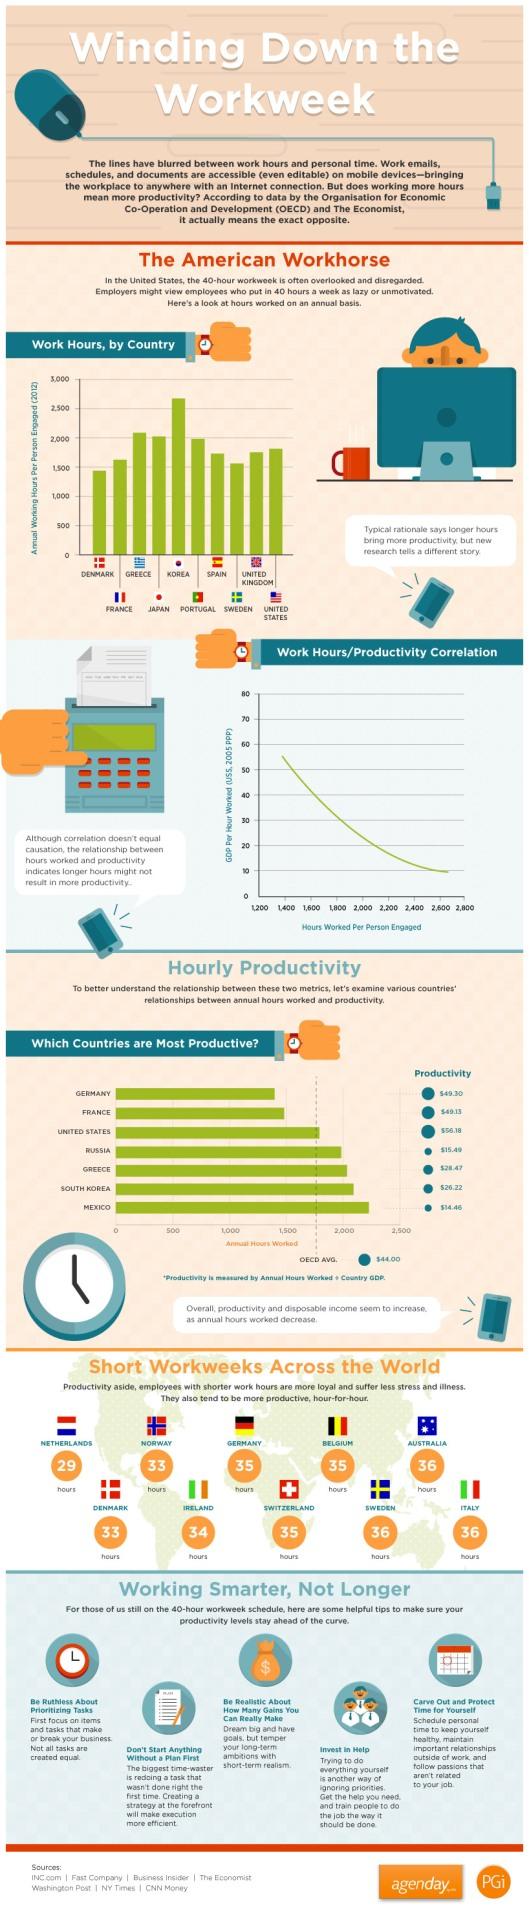 PGI Work Hours